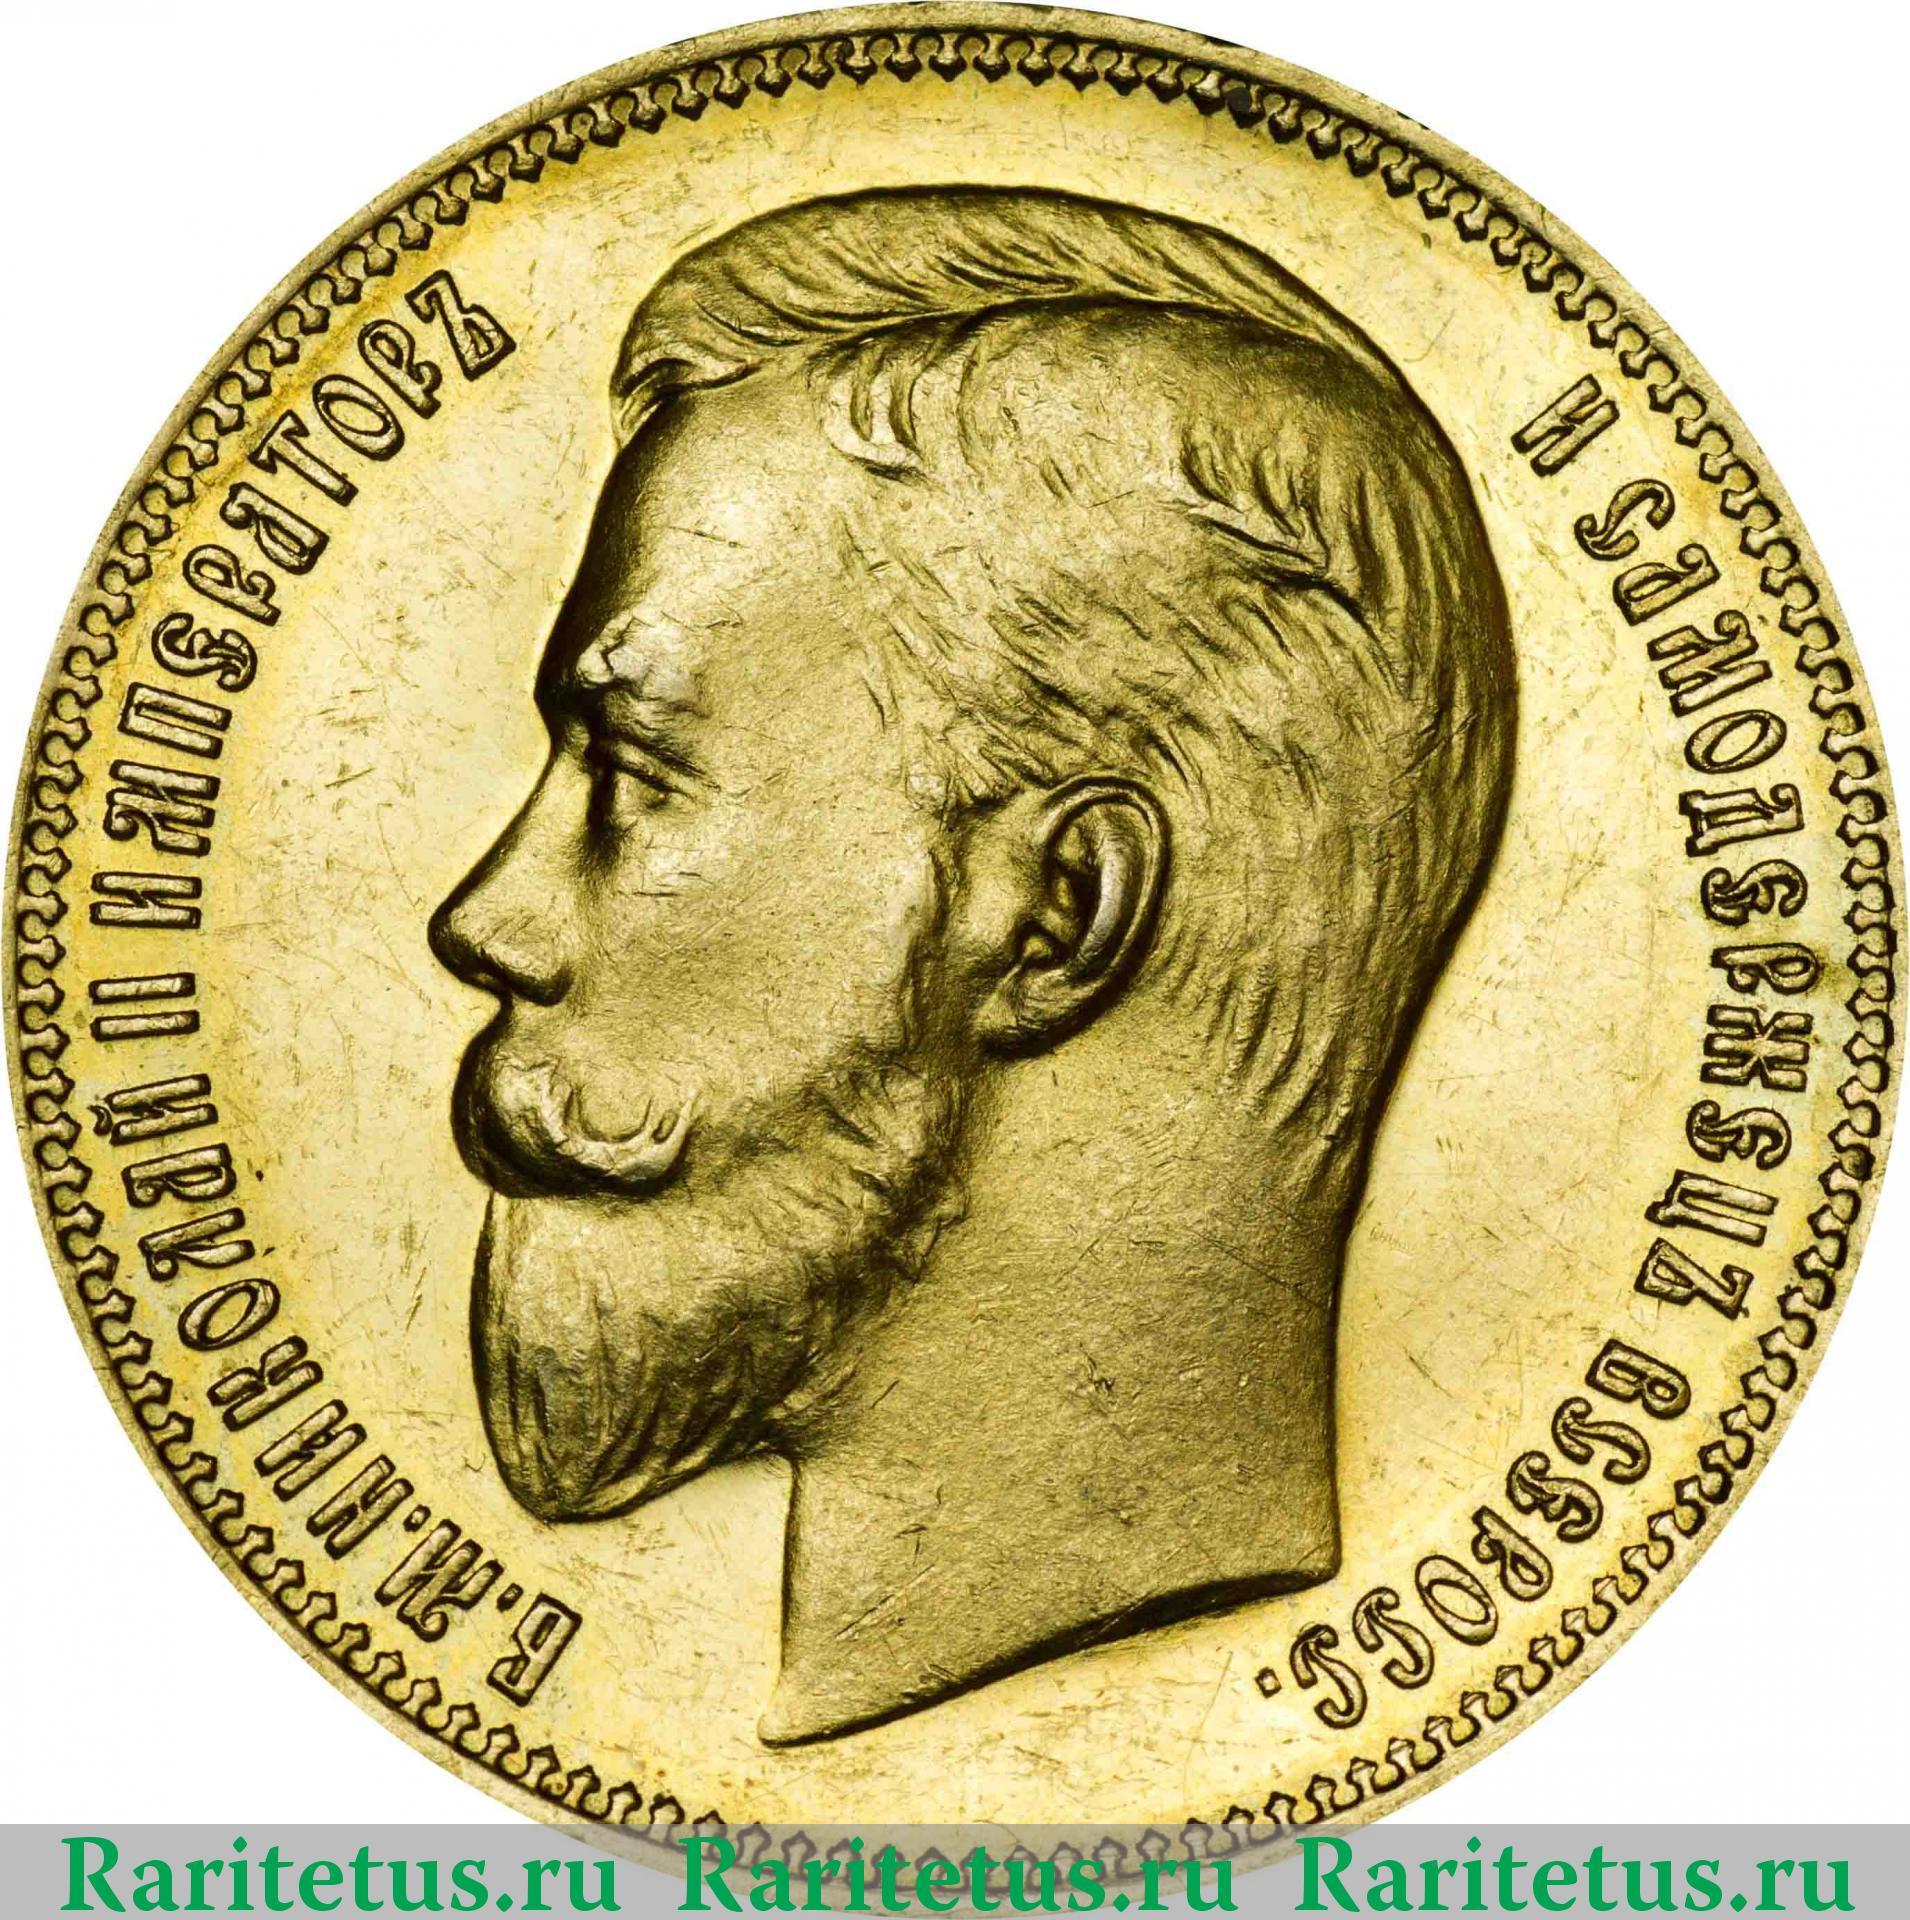 Российская золотая монета 25 рублей 1908г стоимость 50 копеек 1991 года цена